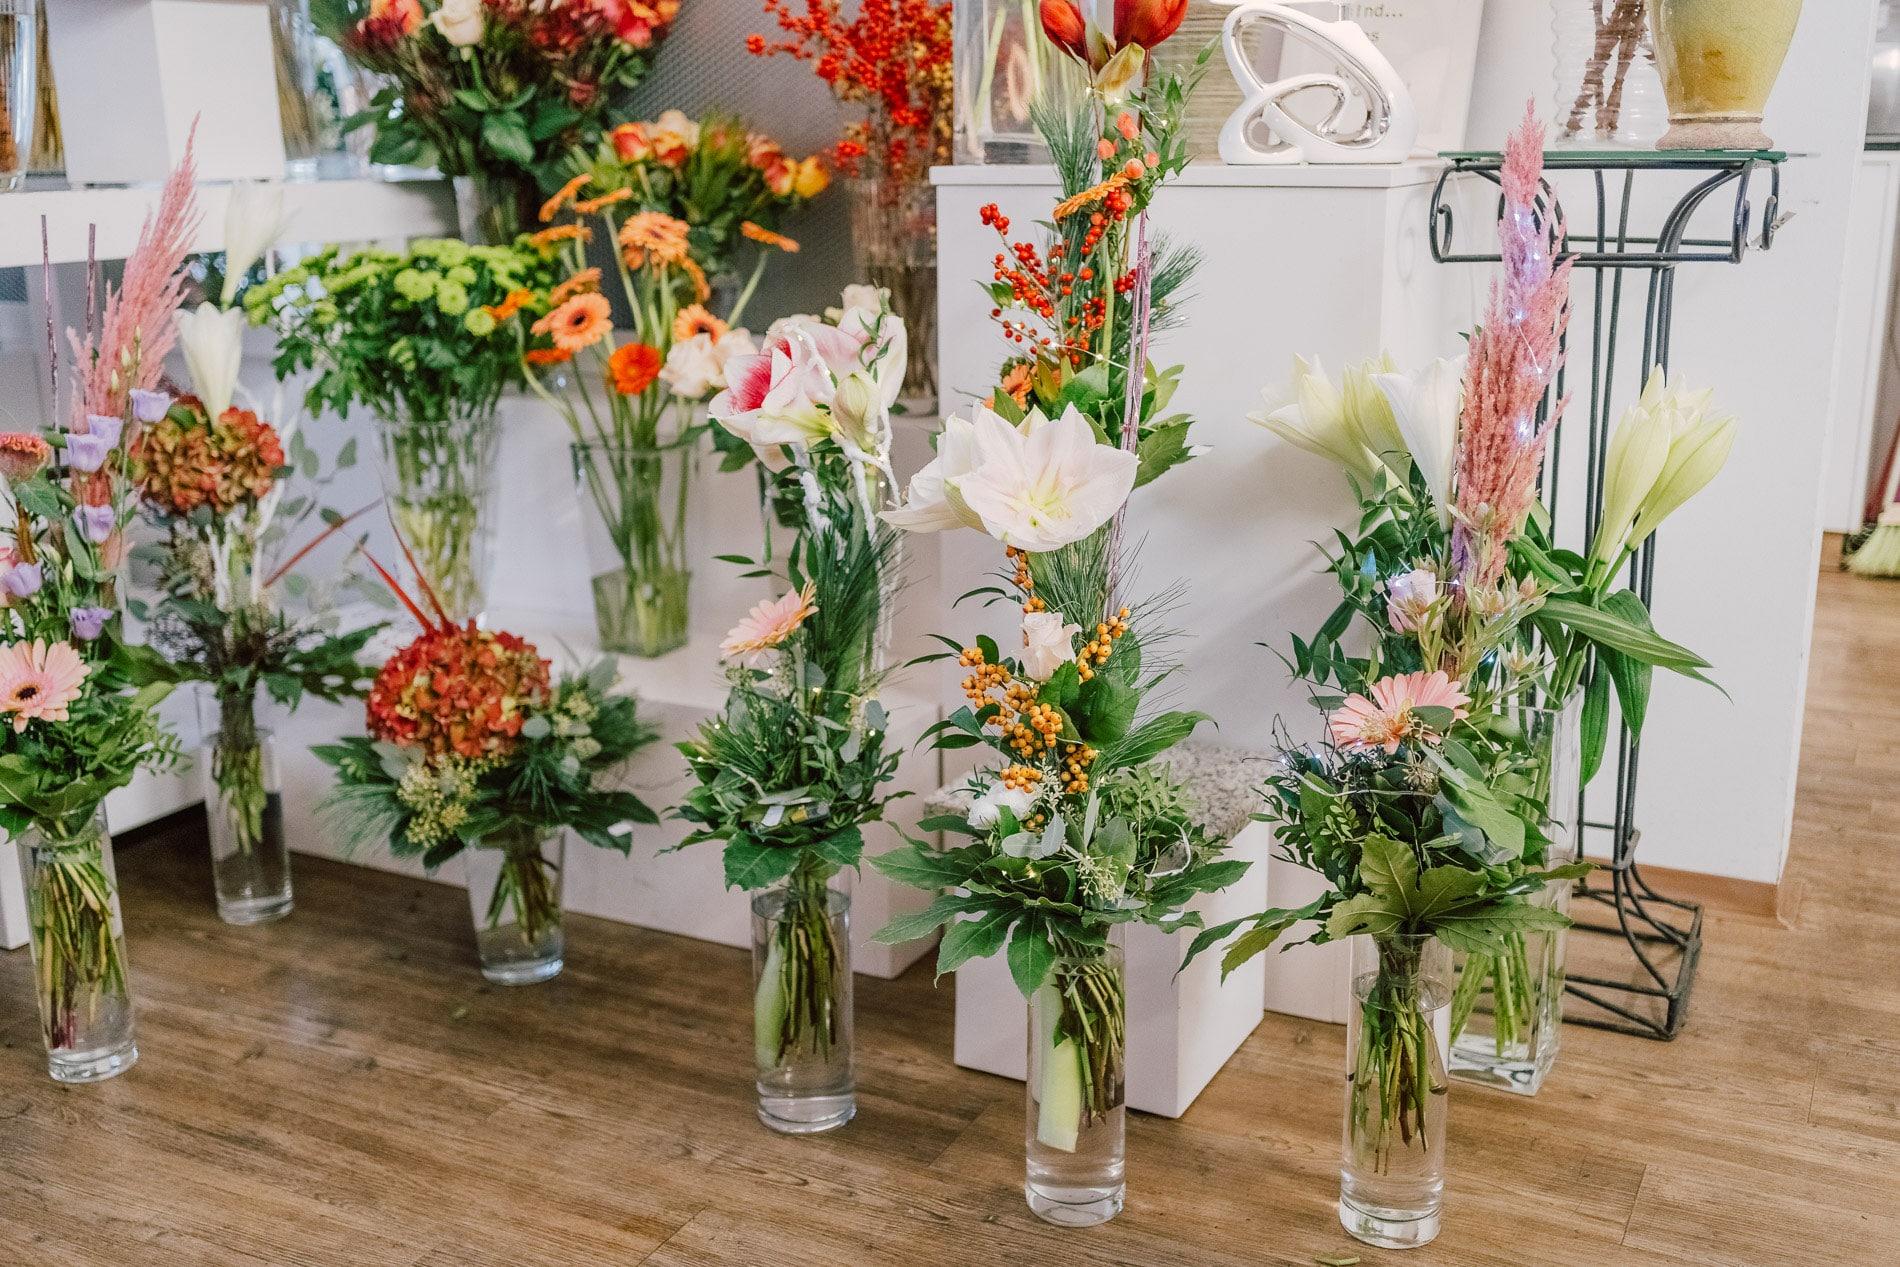 Blumen-Gaby-Strohmeier-Graz-Hochzeitsfloristik-Geschenkartikel-Blumenstraeusse-Trauerfloristik-14